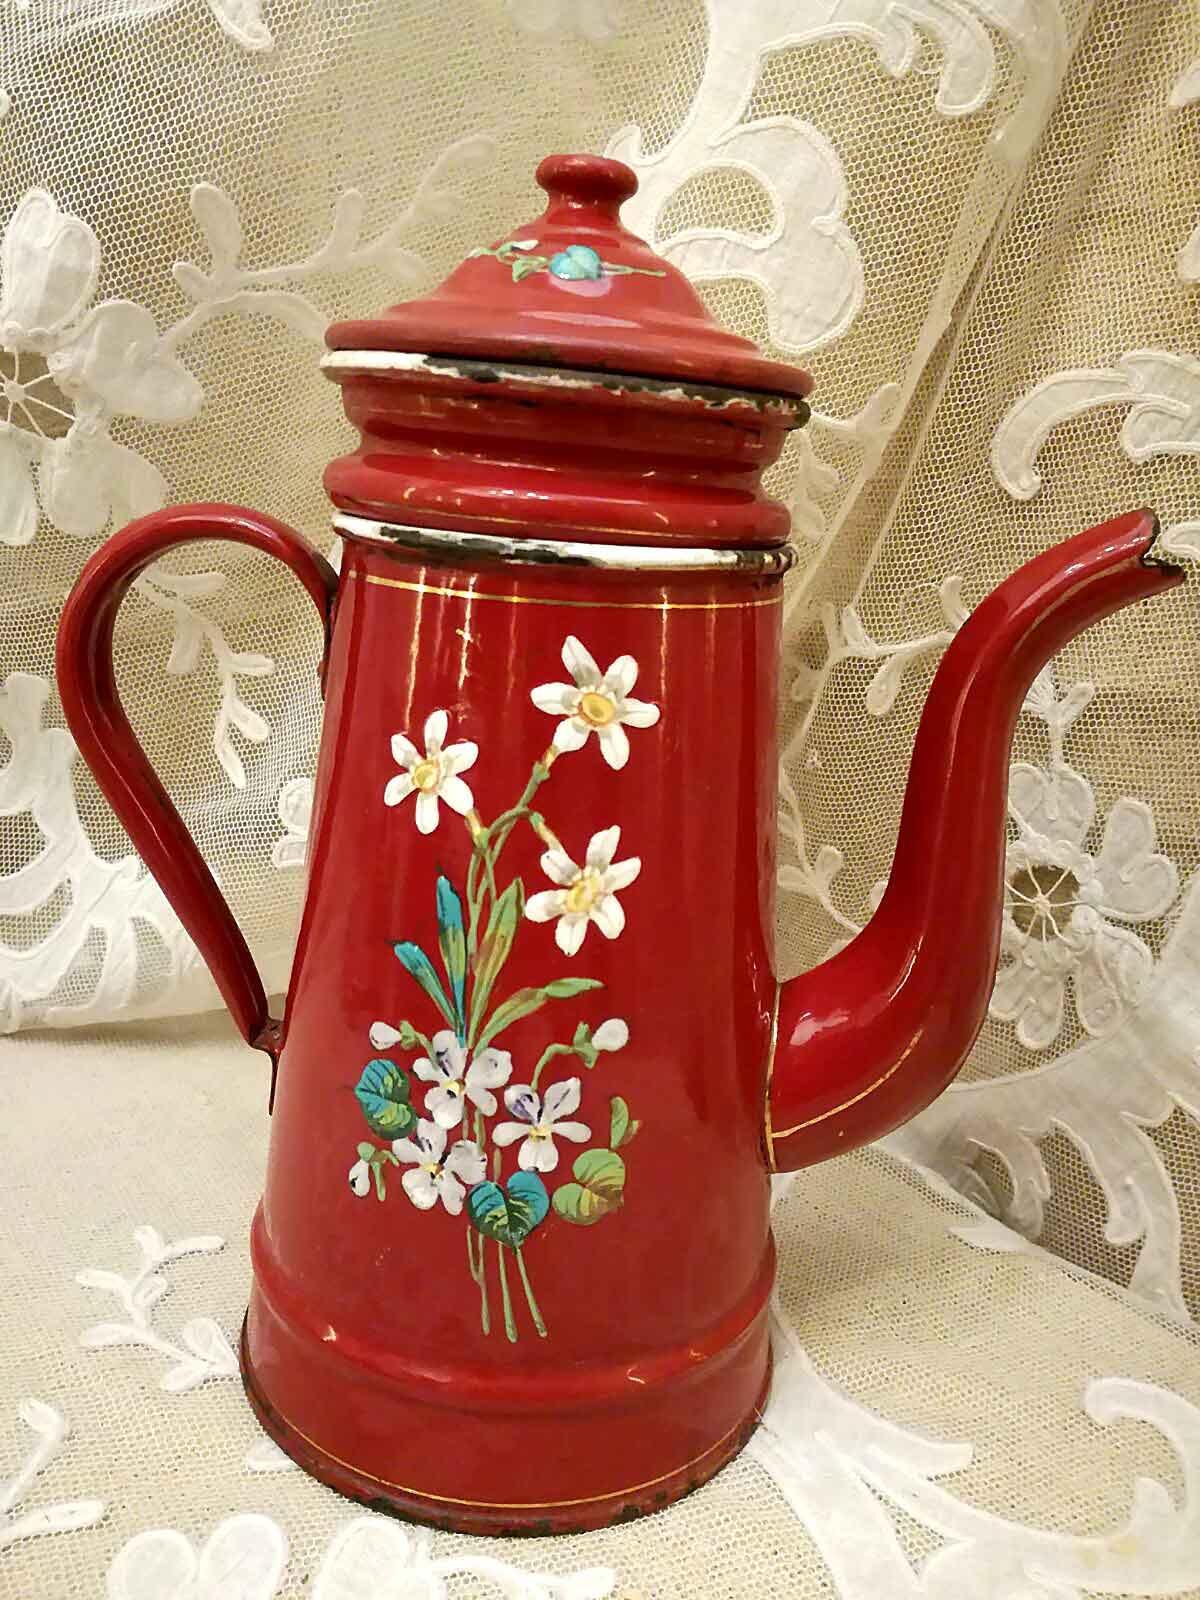 Antica caffettiera in smalto rosso